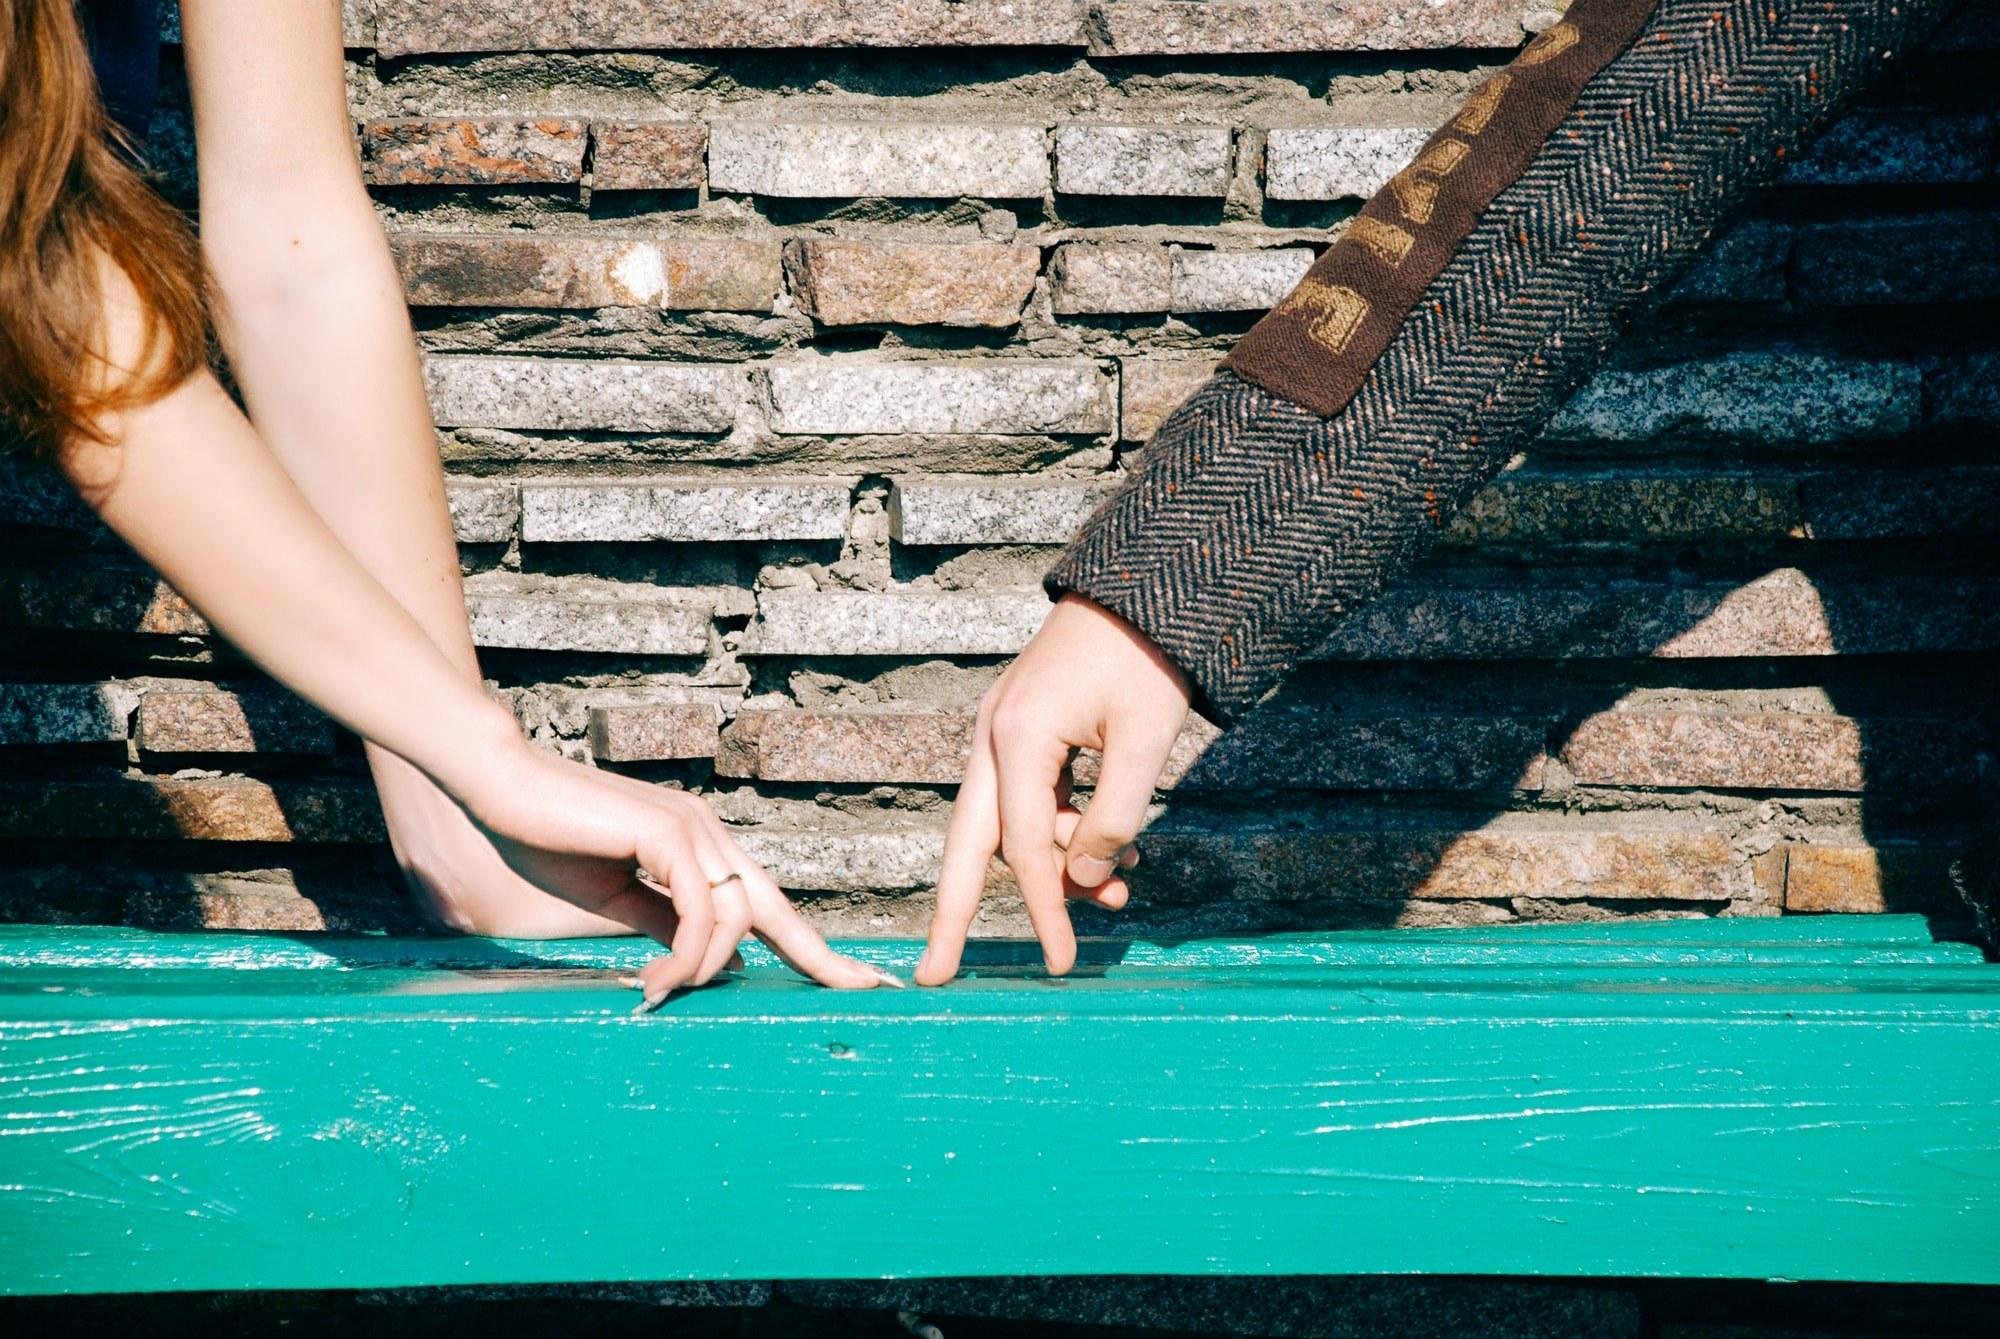 Пальчики на скамейке - Фотограф Киев - Женя Лайт